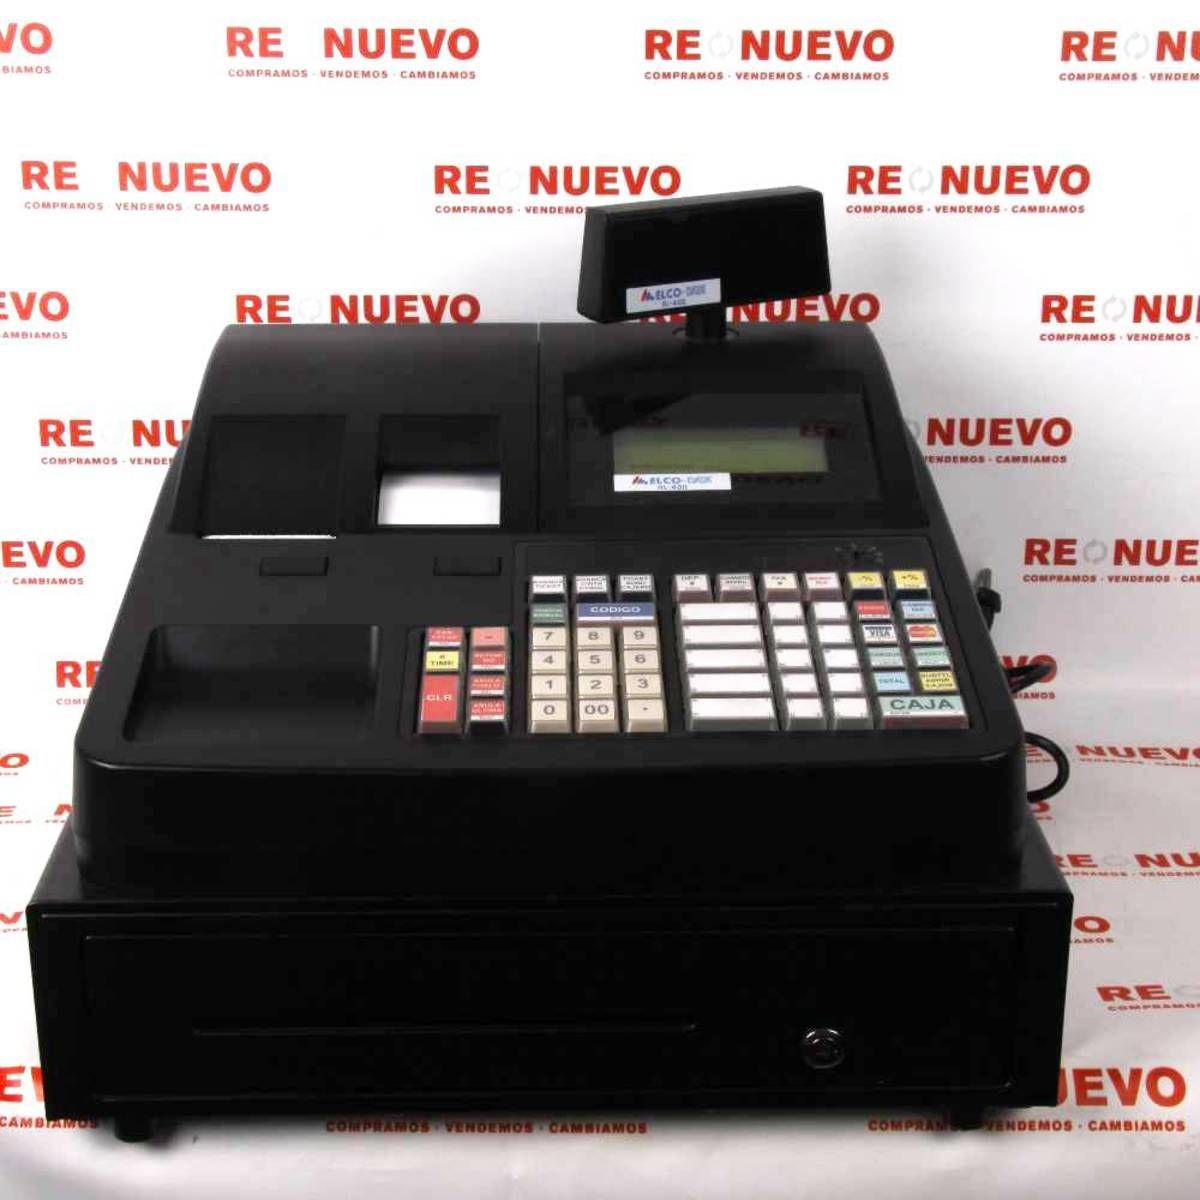 Caja Registradora Elco Data Al 400 E269677 De Segunda Mano